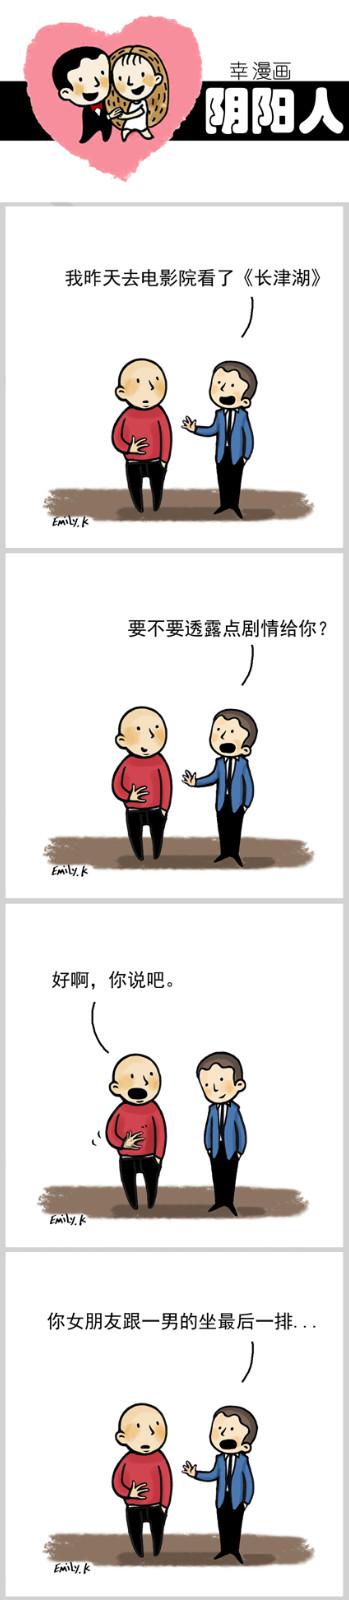 【邝幸漫畫】《阴阳人》172 剧透_图1-1